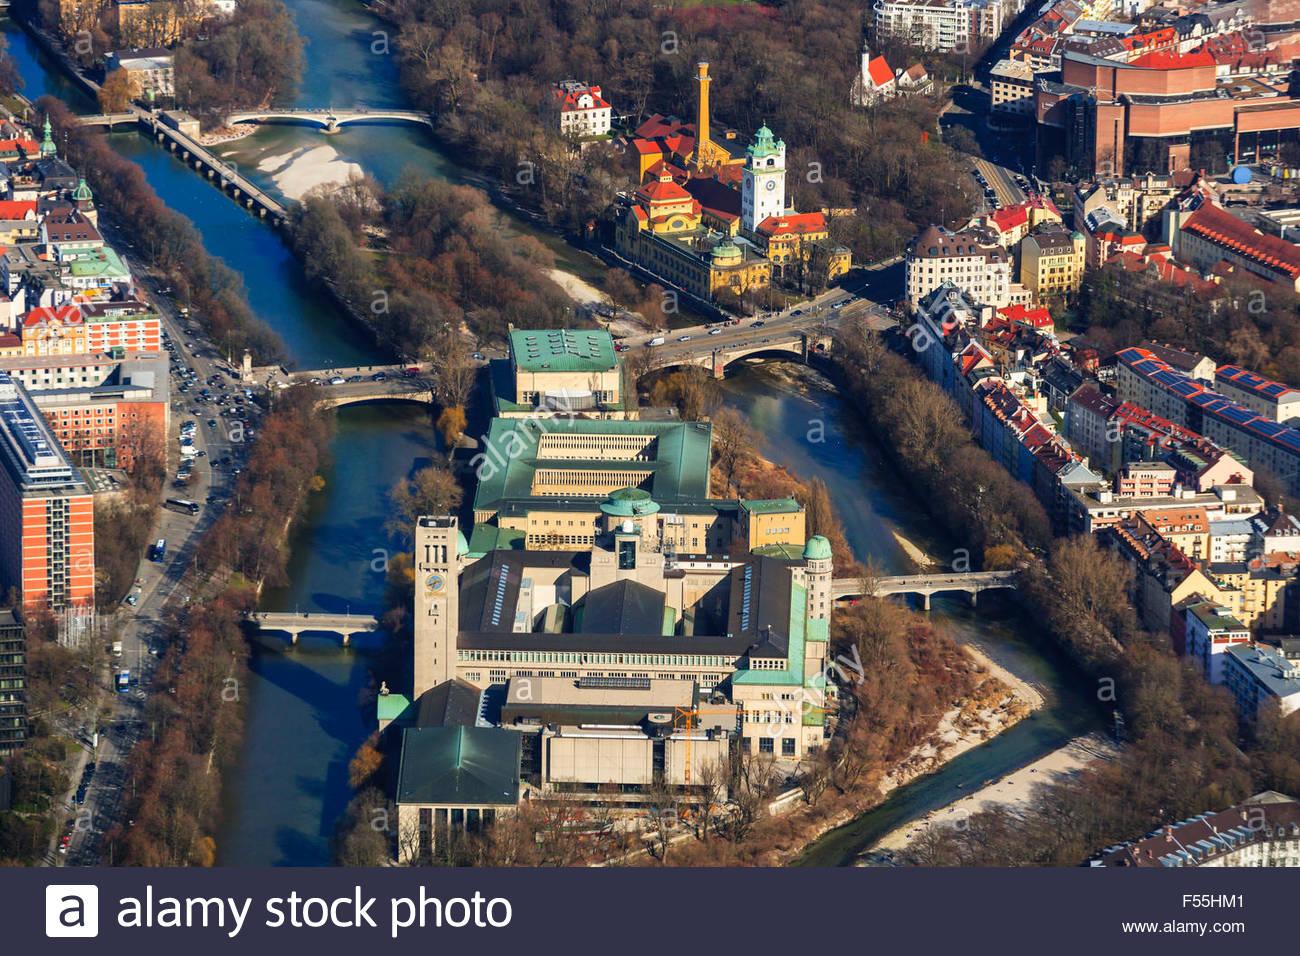 Germany, Bavaria, Munich, Deutsches Museum - Stock Image